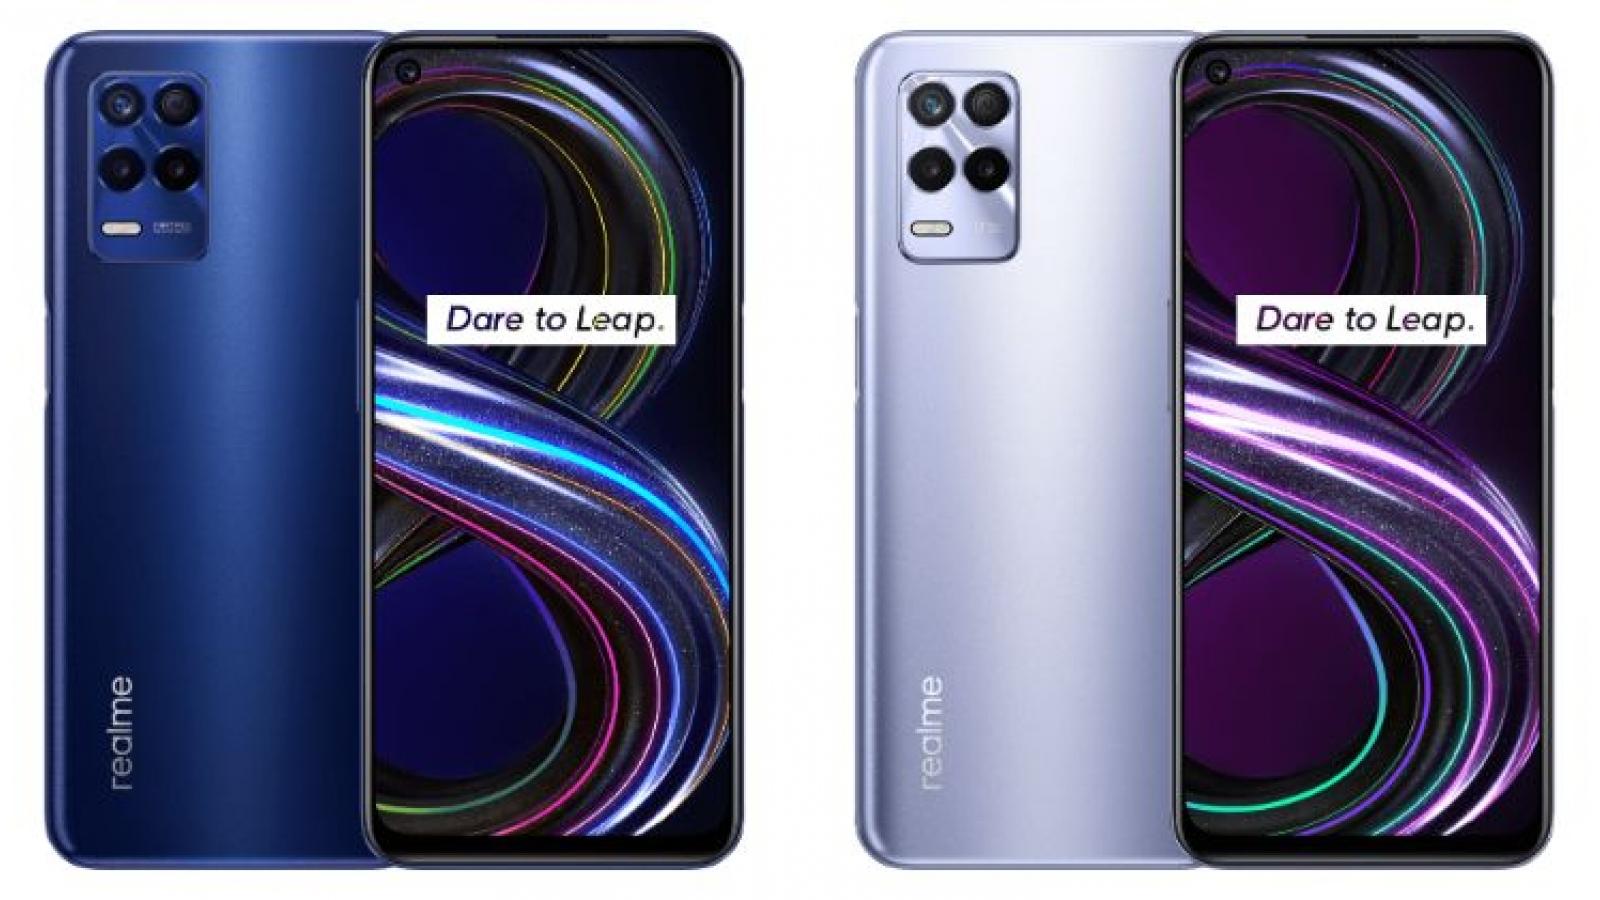 Realme ra mắt smartphone 5G giá chỉ 5,55 triệu đồng